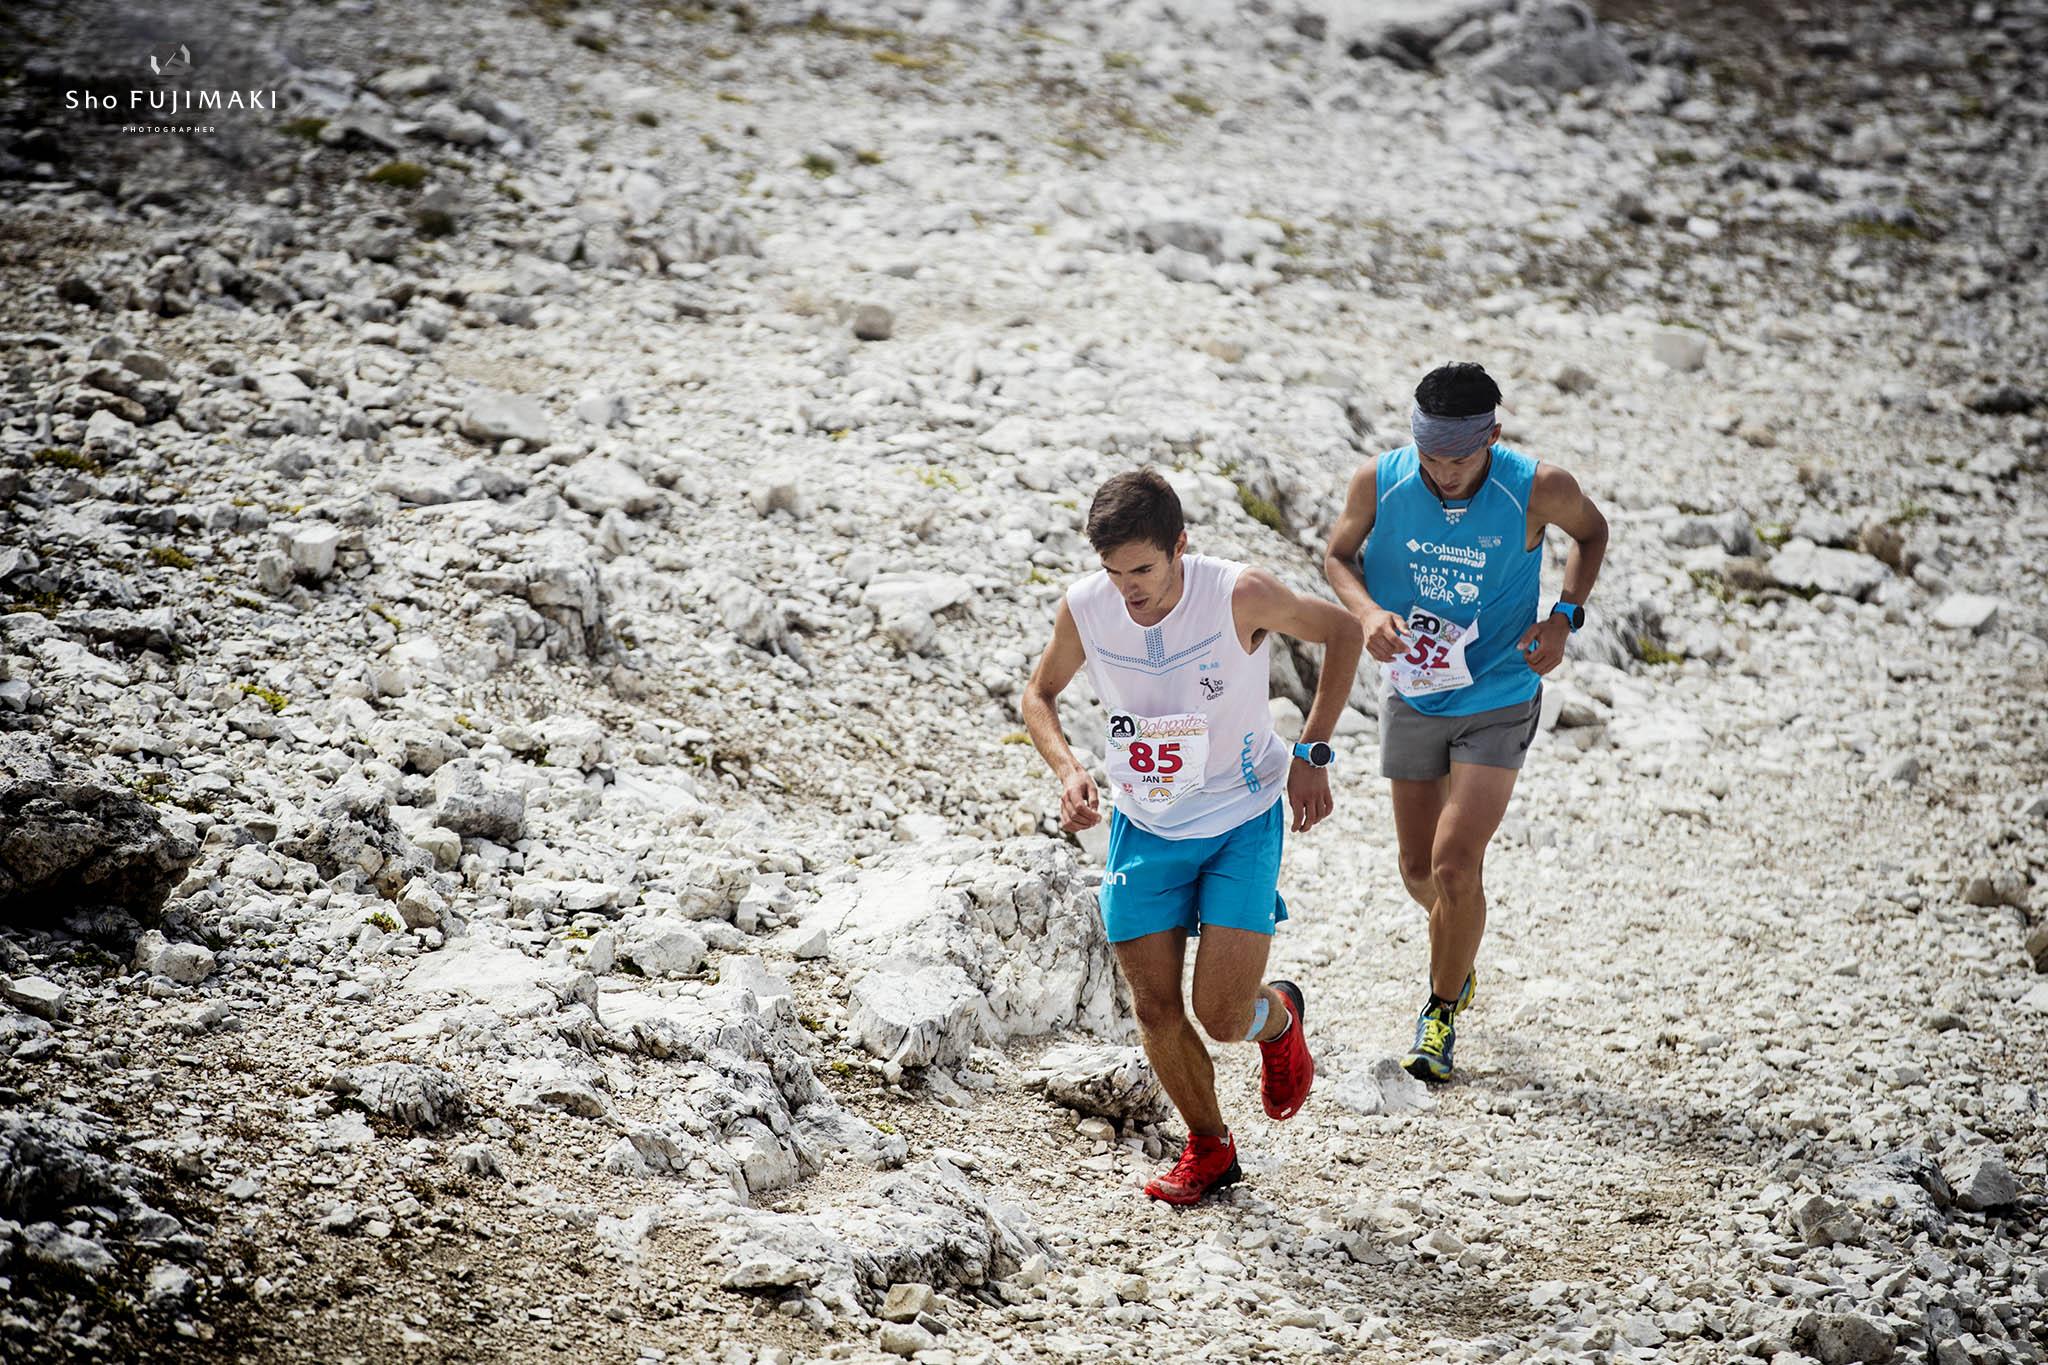 優勝したジャン・マルガリと競る上田瑠偉 🄫Sho Fujimaki